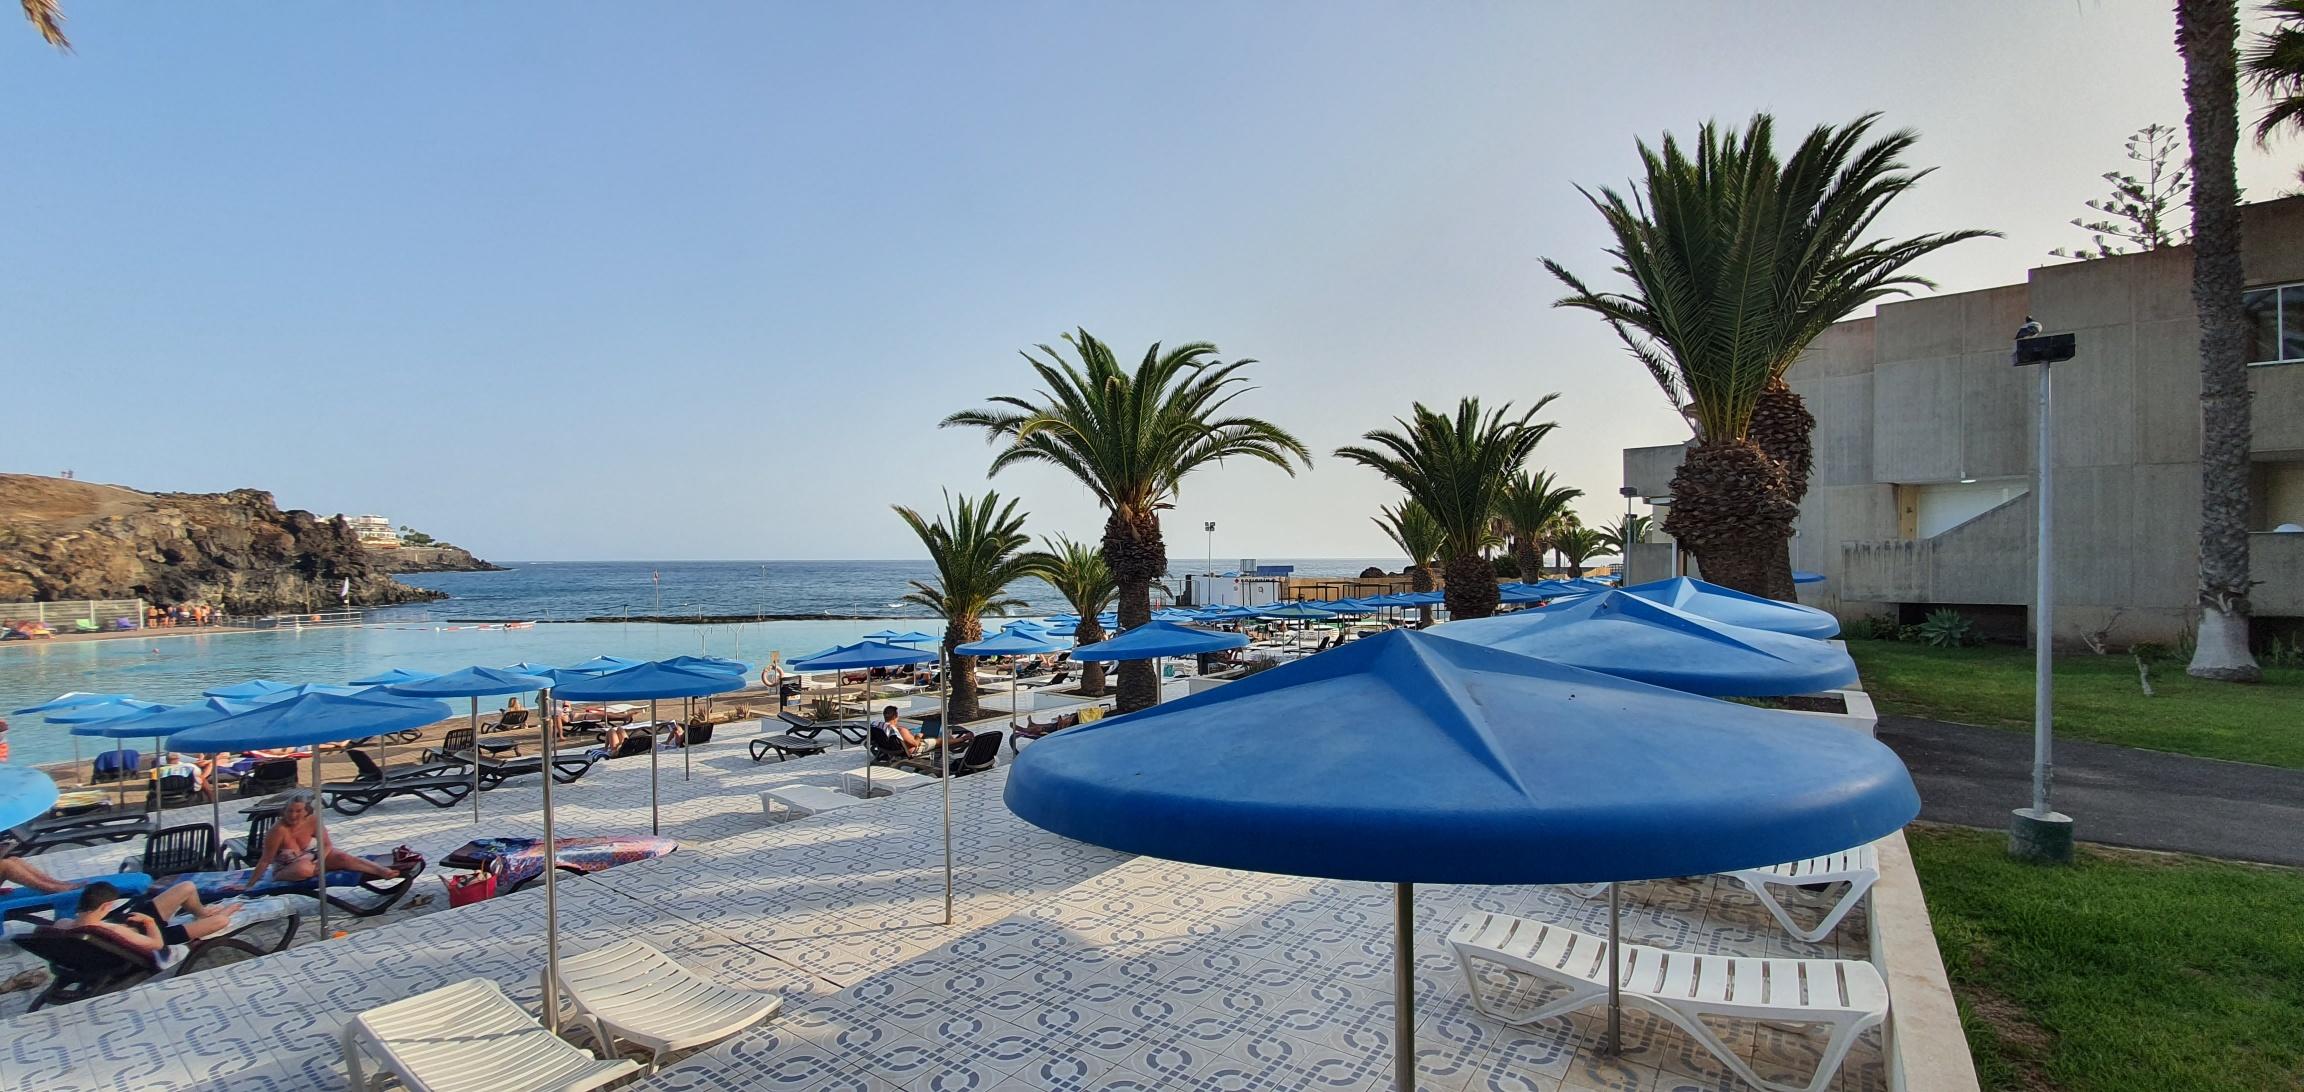 Ático en venta con vista mar en Alborada – CH1083